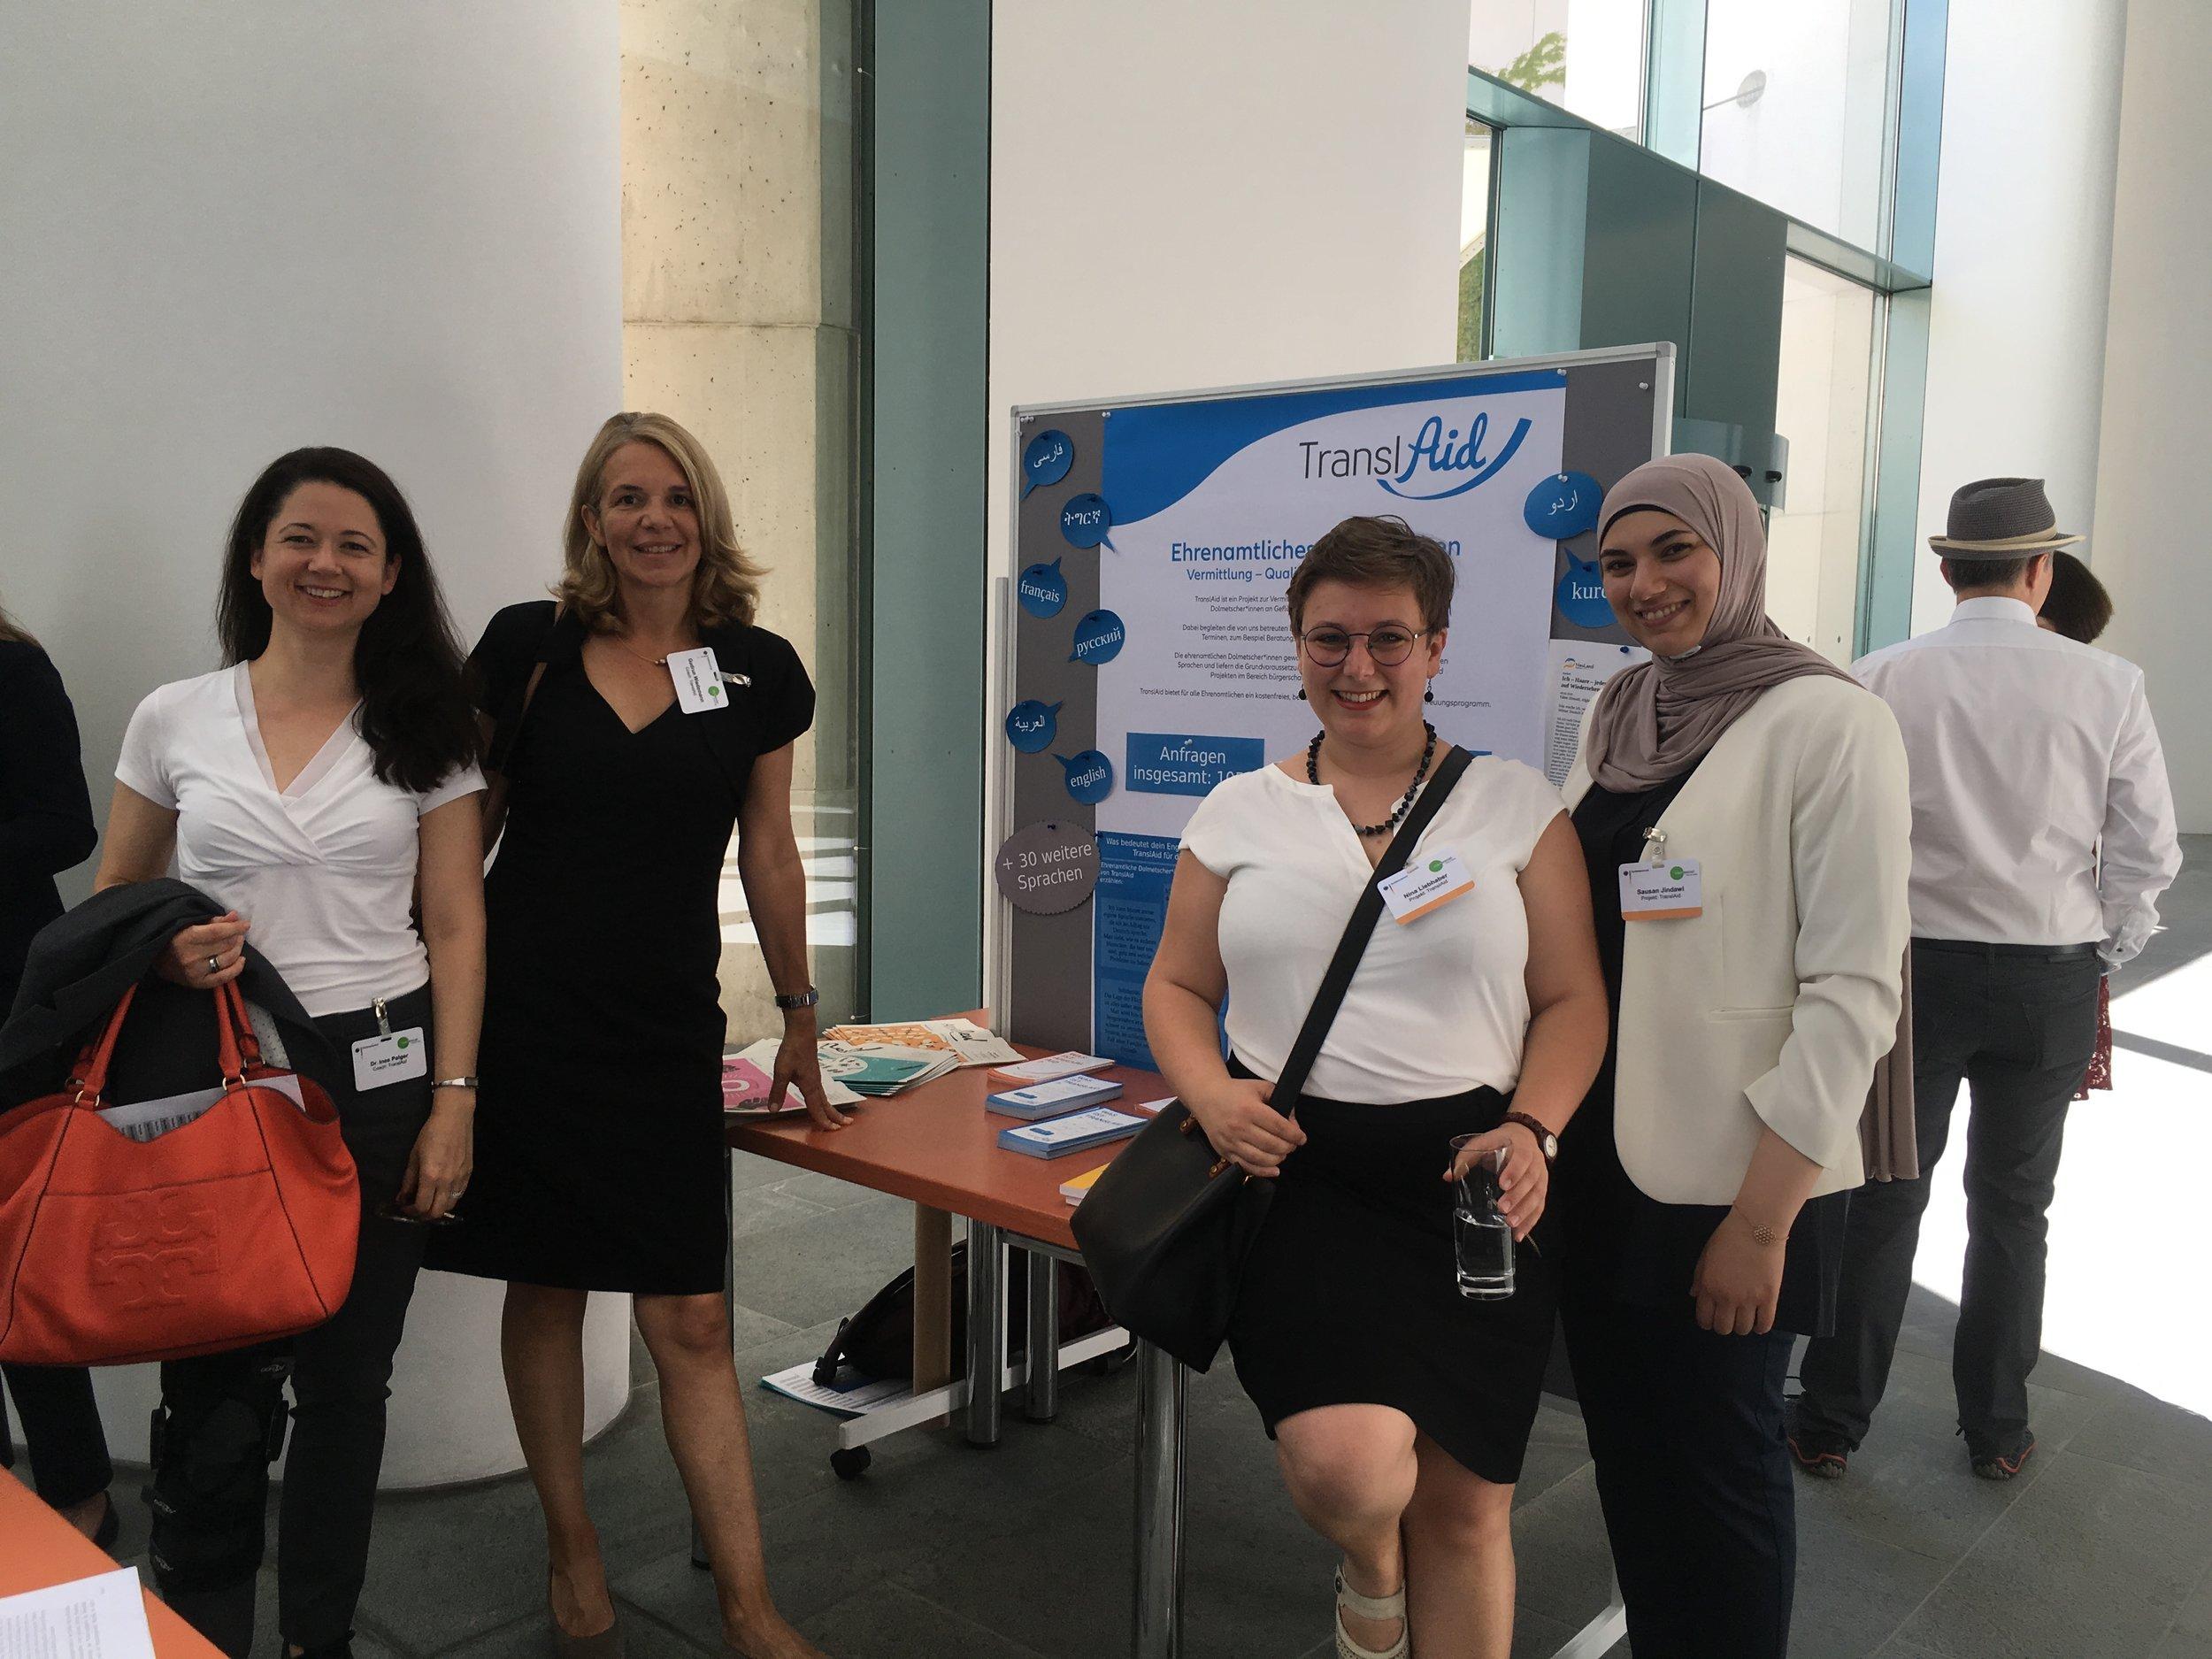 Über vier Monate hinweg haben Ines Pelger (ganz links) und Gudrun Wiedemann (2. von links) das Projektteam von TranslAid mit Rat und Tat unterstützt und TranslAid so maßgeblich weiterentwickelt